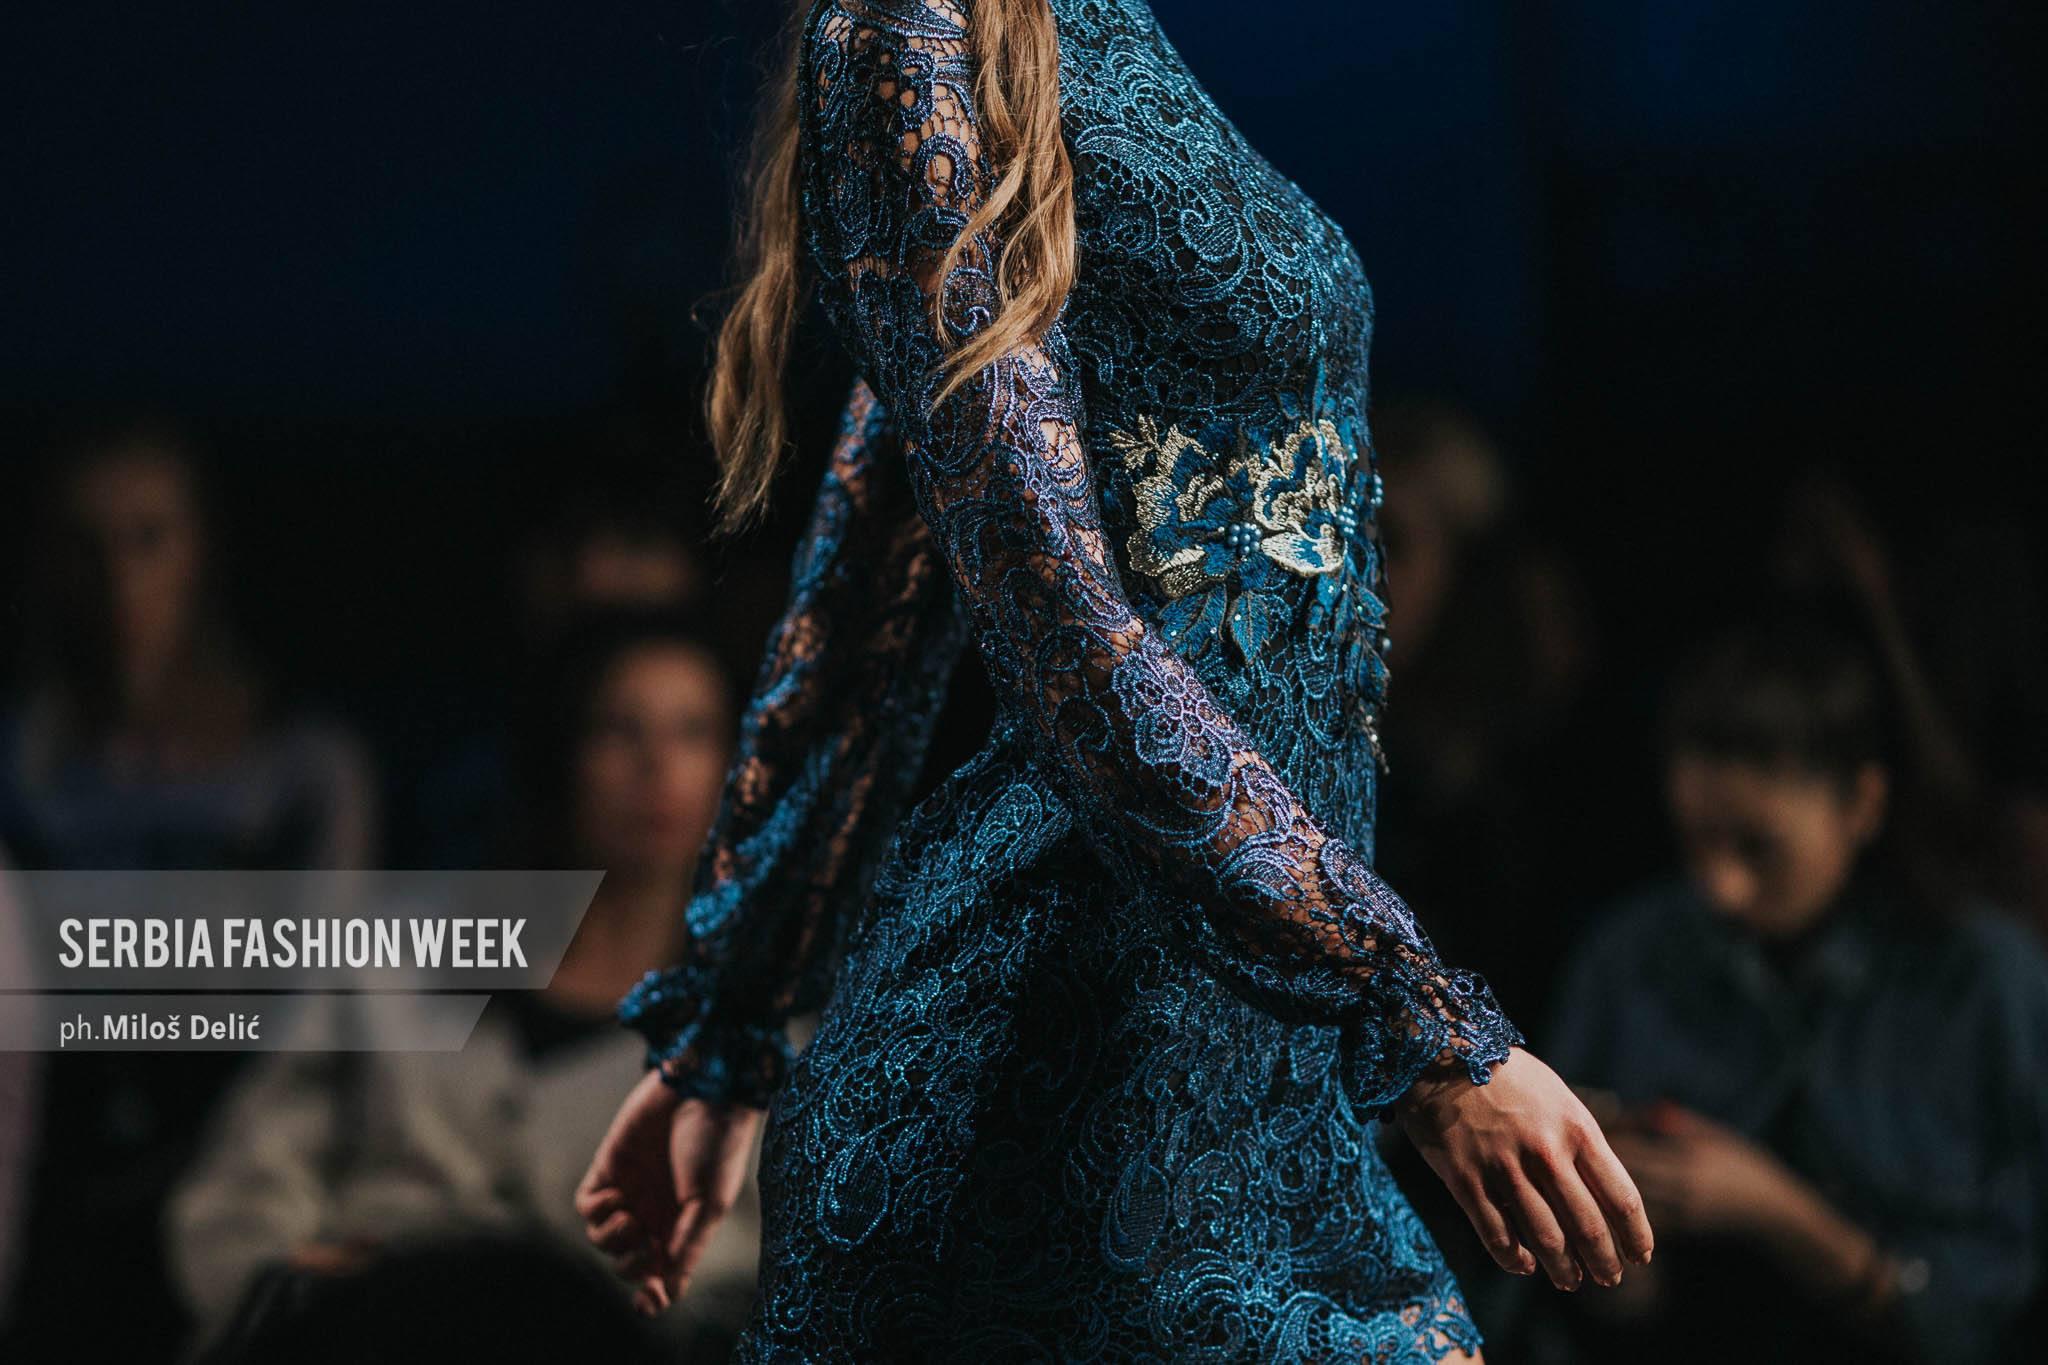 Kolekcija Azbuka Natasa Zupac